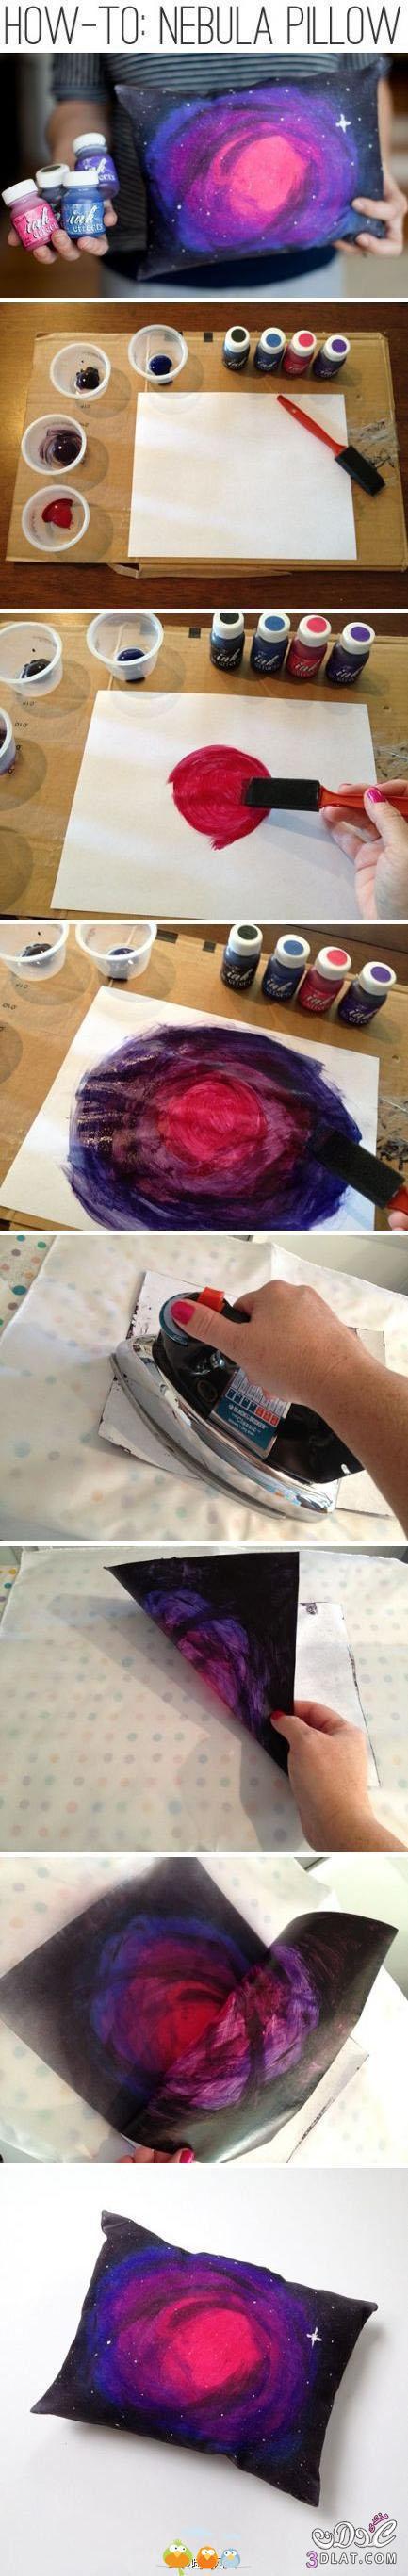 طريقة الطباعة بالالوان على القماش2014,فكرة سهلة ورخيصة لتغير الوان الملابس